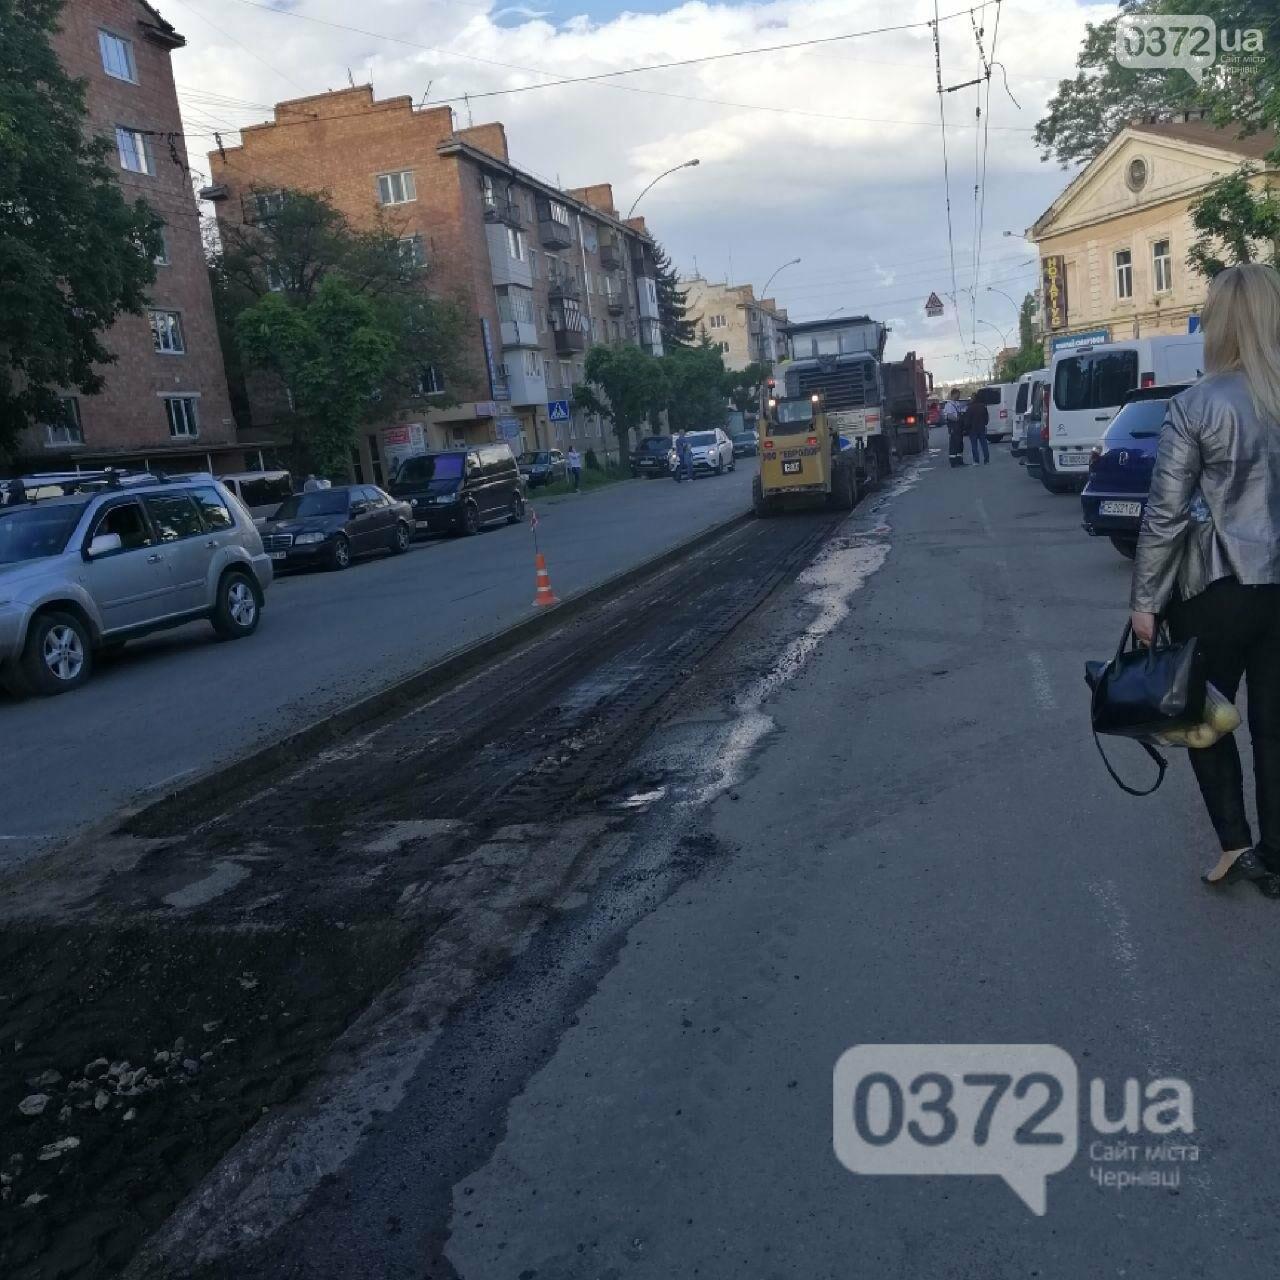 Внаслідок капітального ремонту ділянки однієї із вулиць Чернівців -  буде обмежено рух транспорту, фото-1